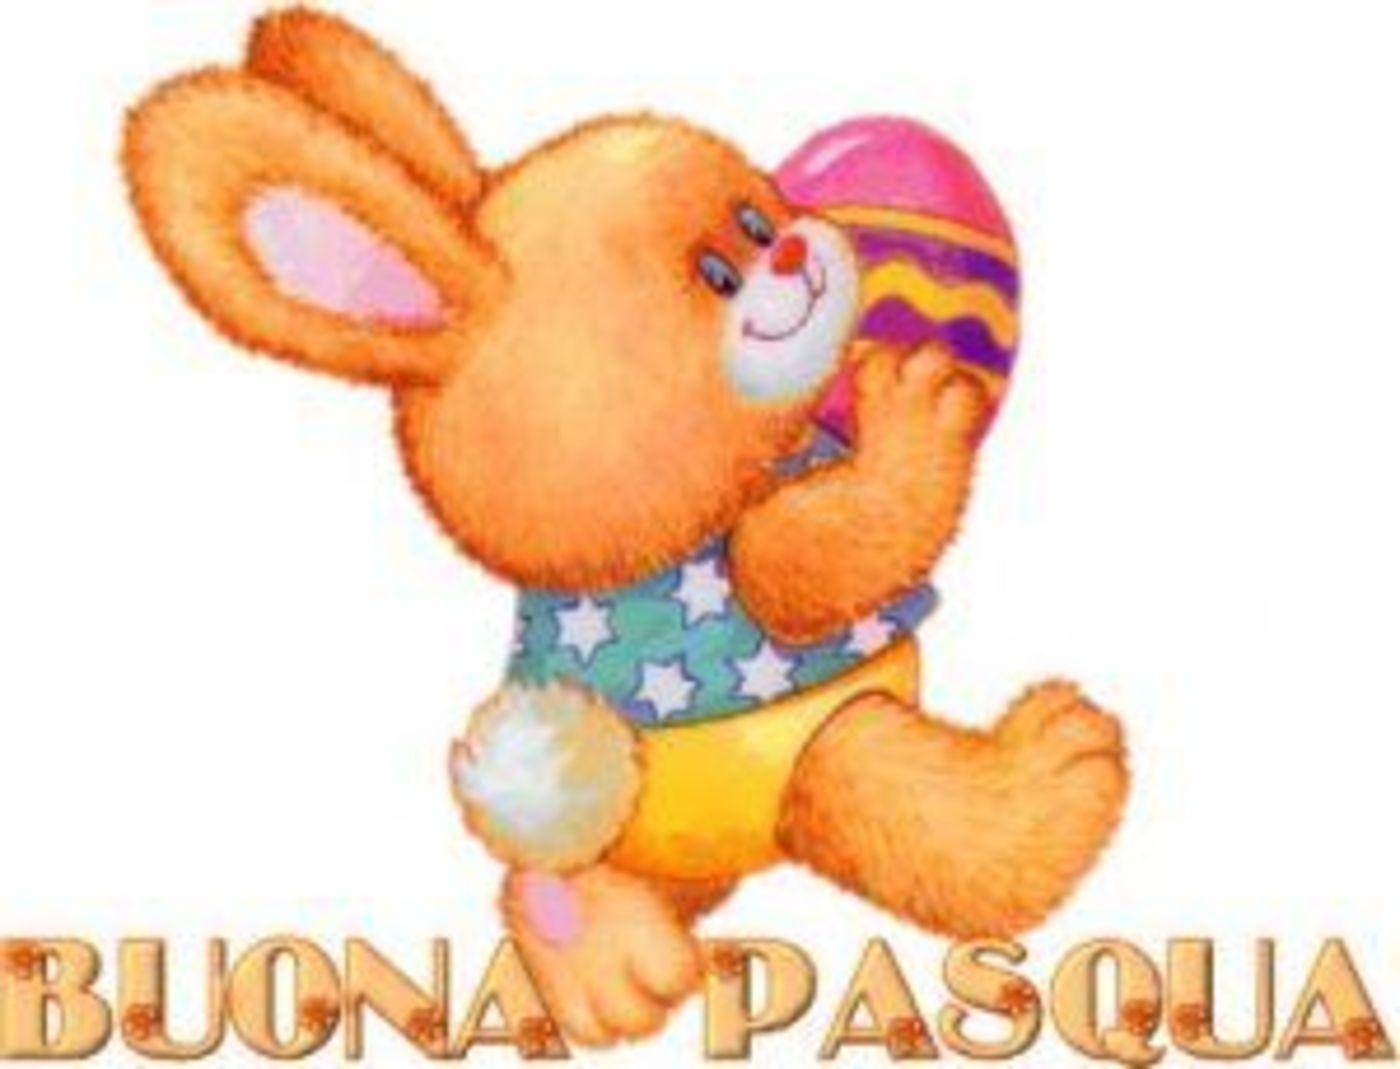 Buona Pasqua immagini auguri Facebook 4722